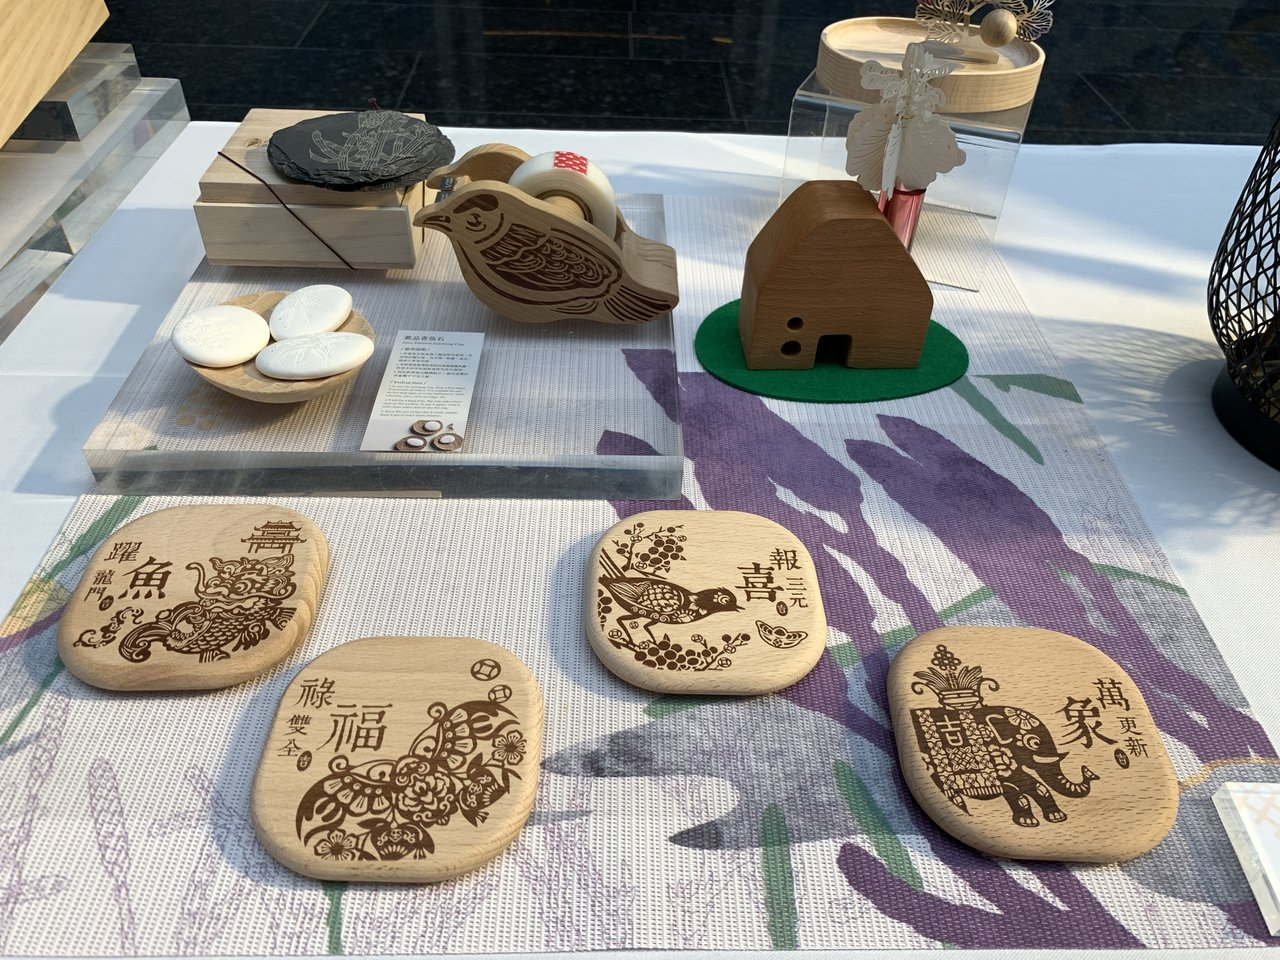 「創意台中」邁入第九年,今年設計11大文創主題區在審計新村、范特喜聚落,有在台中...